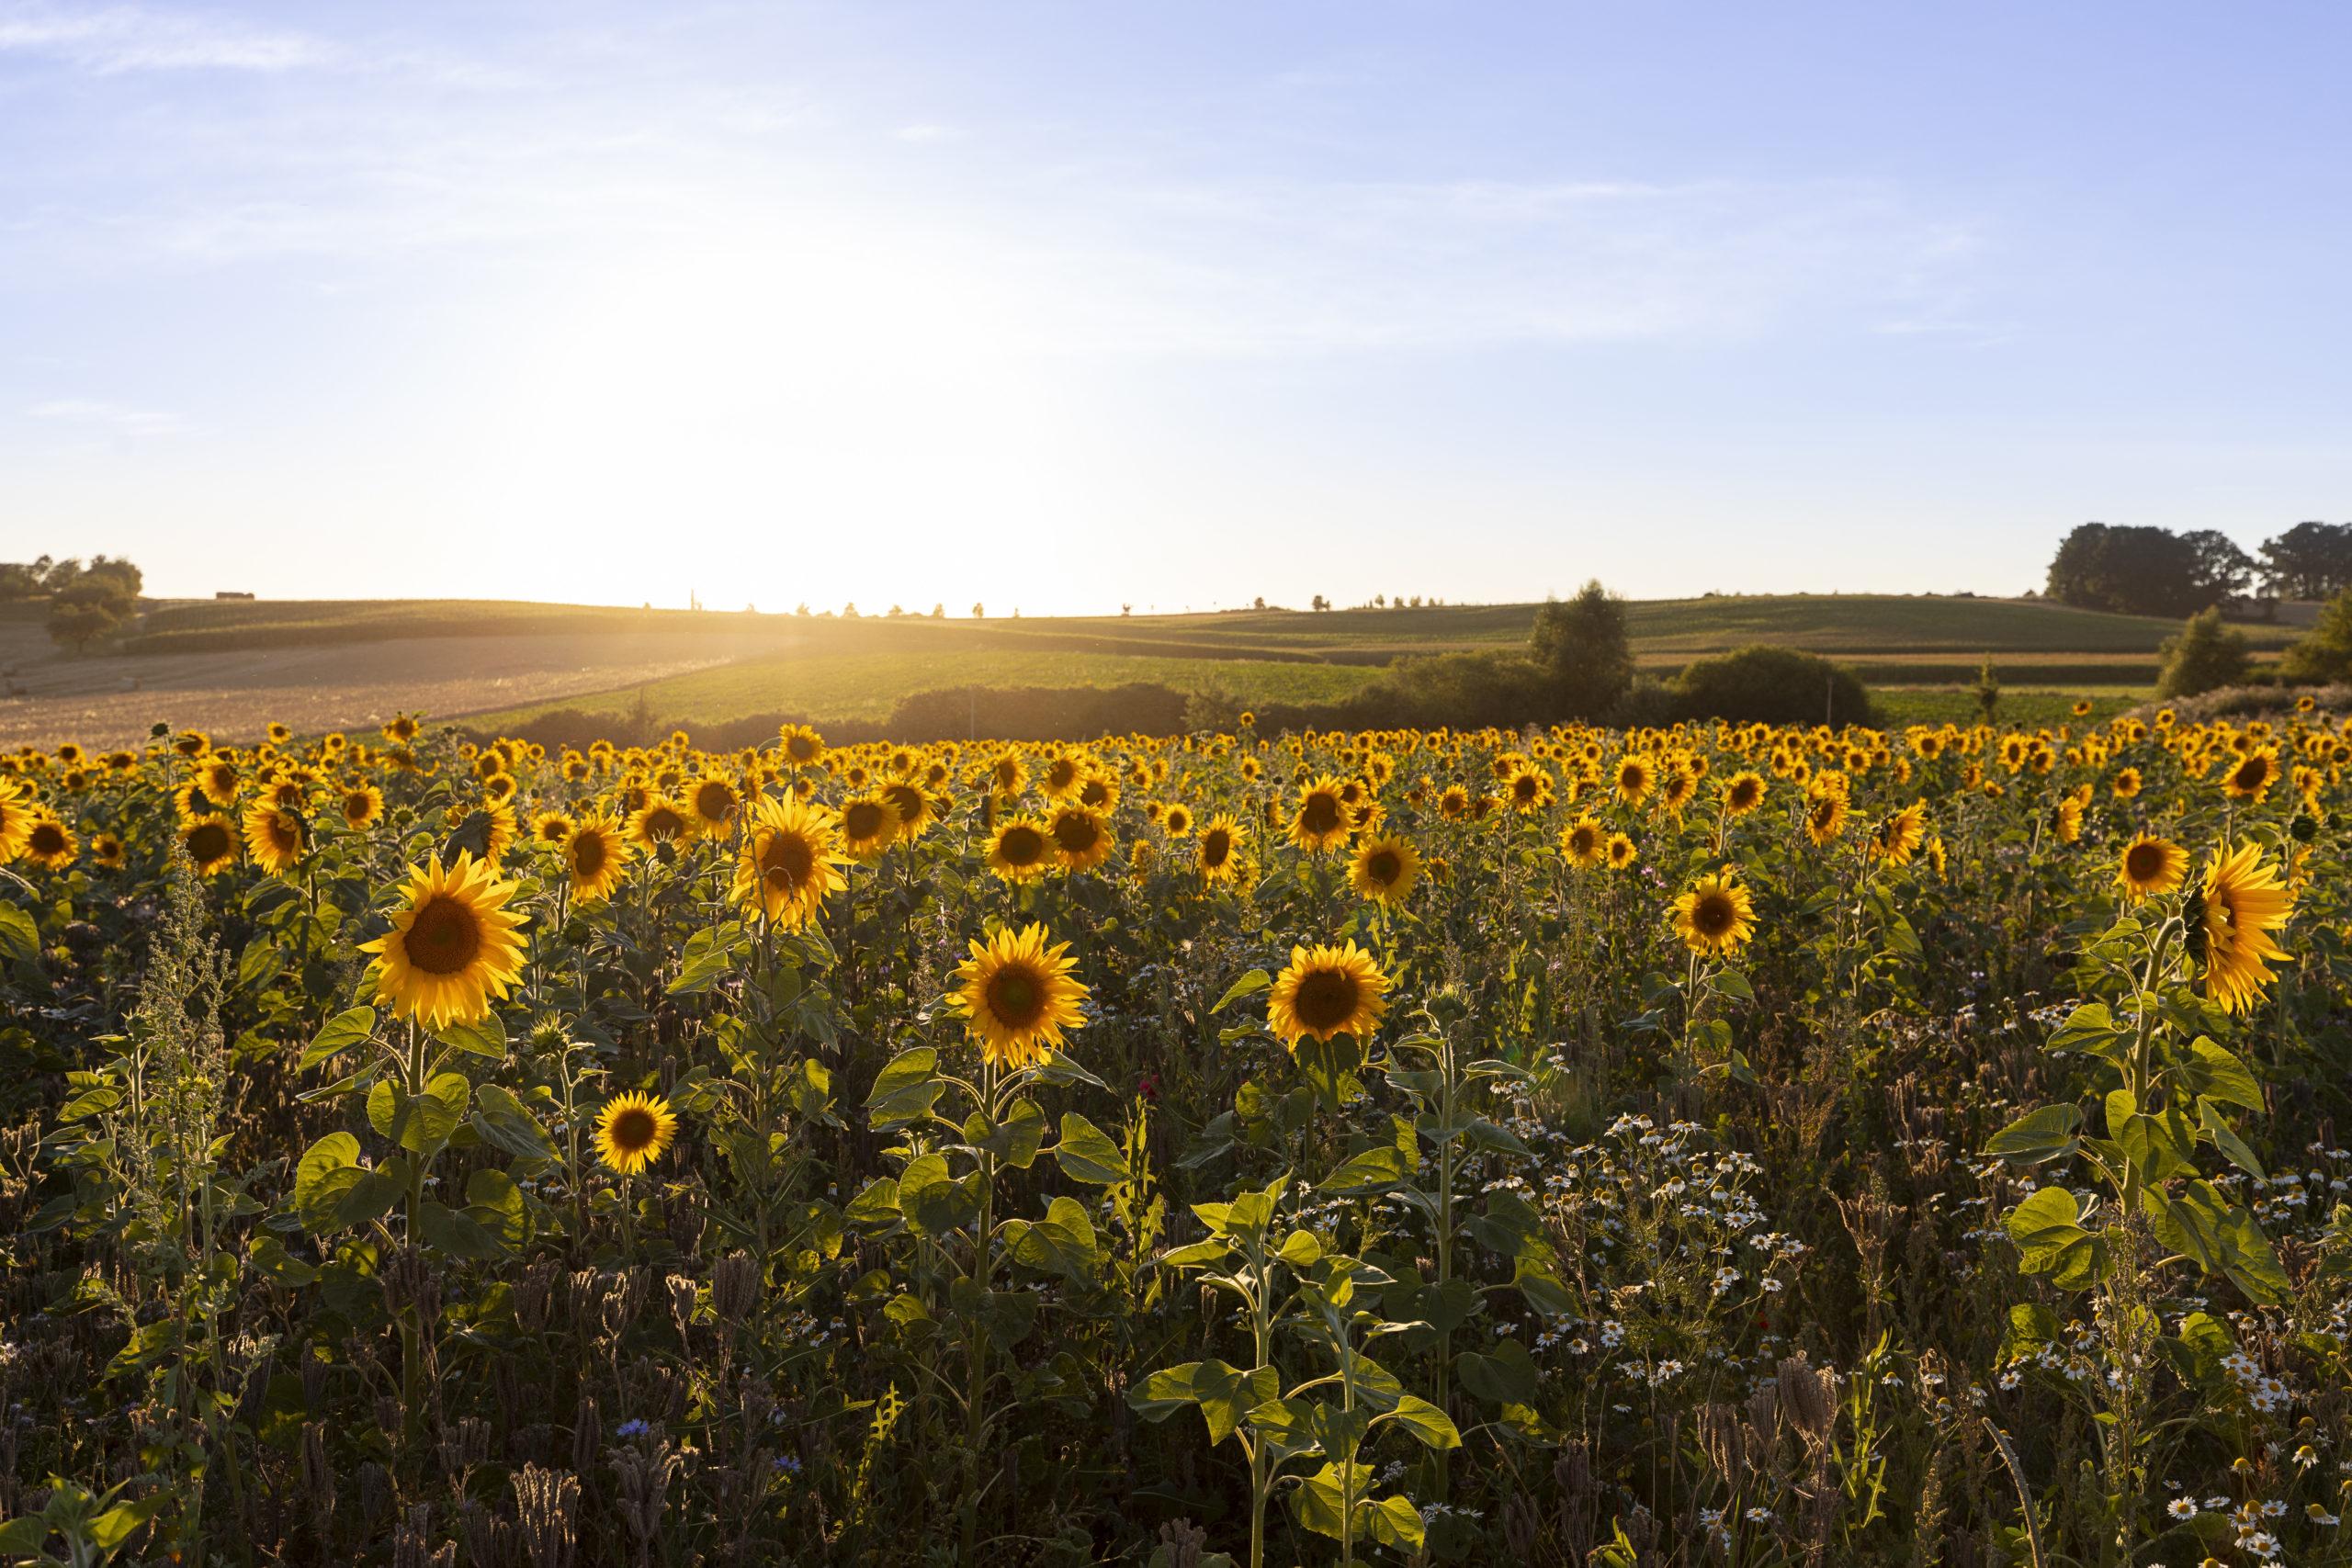 Nicht nur zwischen Hendungen und Mellrichstadt befindet sich ein Sonnenblumenfeld. Einfach ein tolles Postkartenmotiv im Streutal (Foto: Leska Wunderwelt)